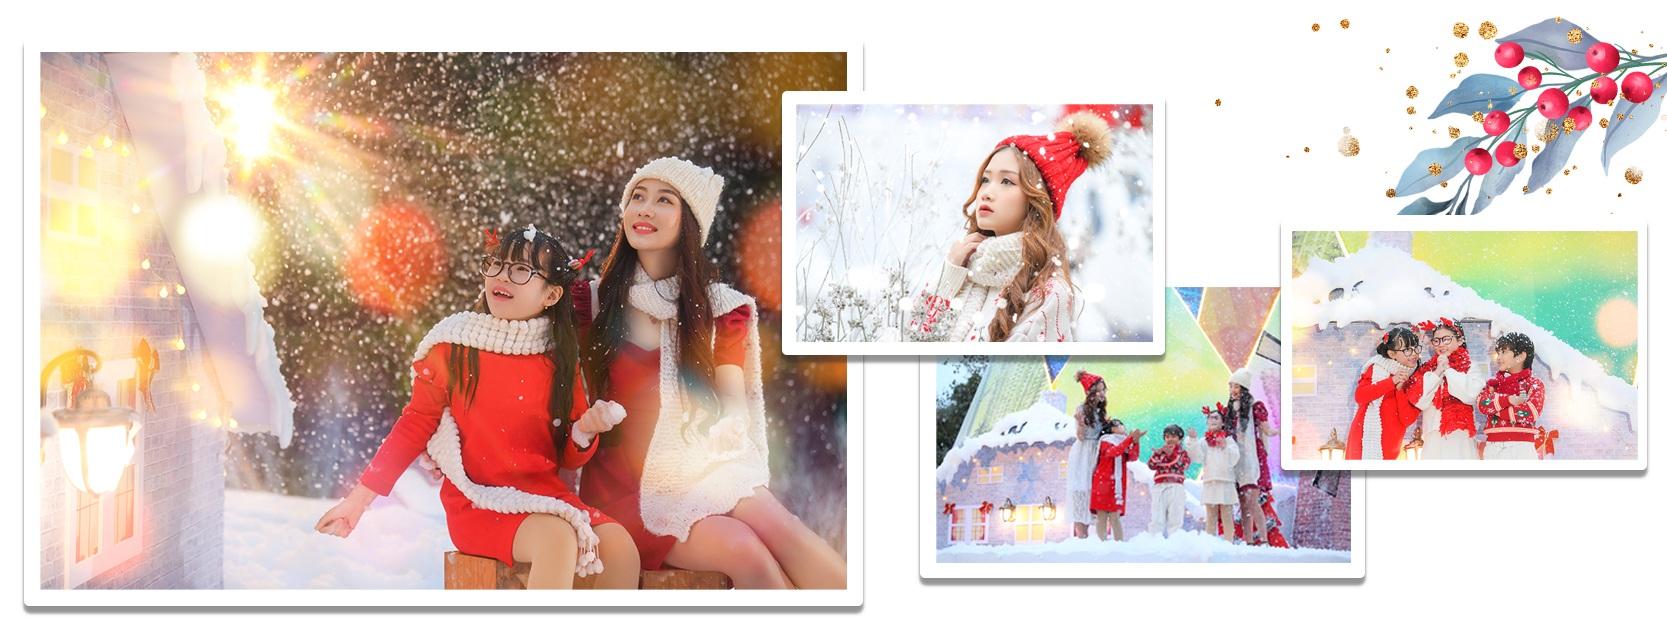 Giáng sinh tuyết trắng cùng búp măng Noel cao nhất Việt Nam tại Ecopark - 8